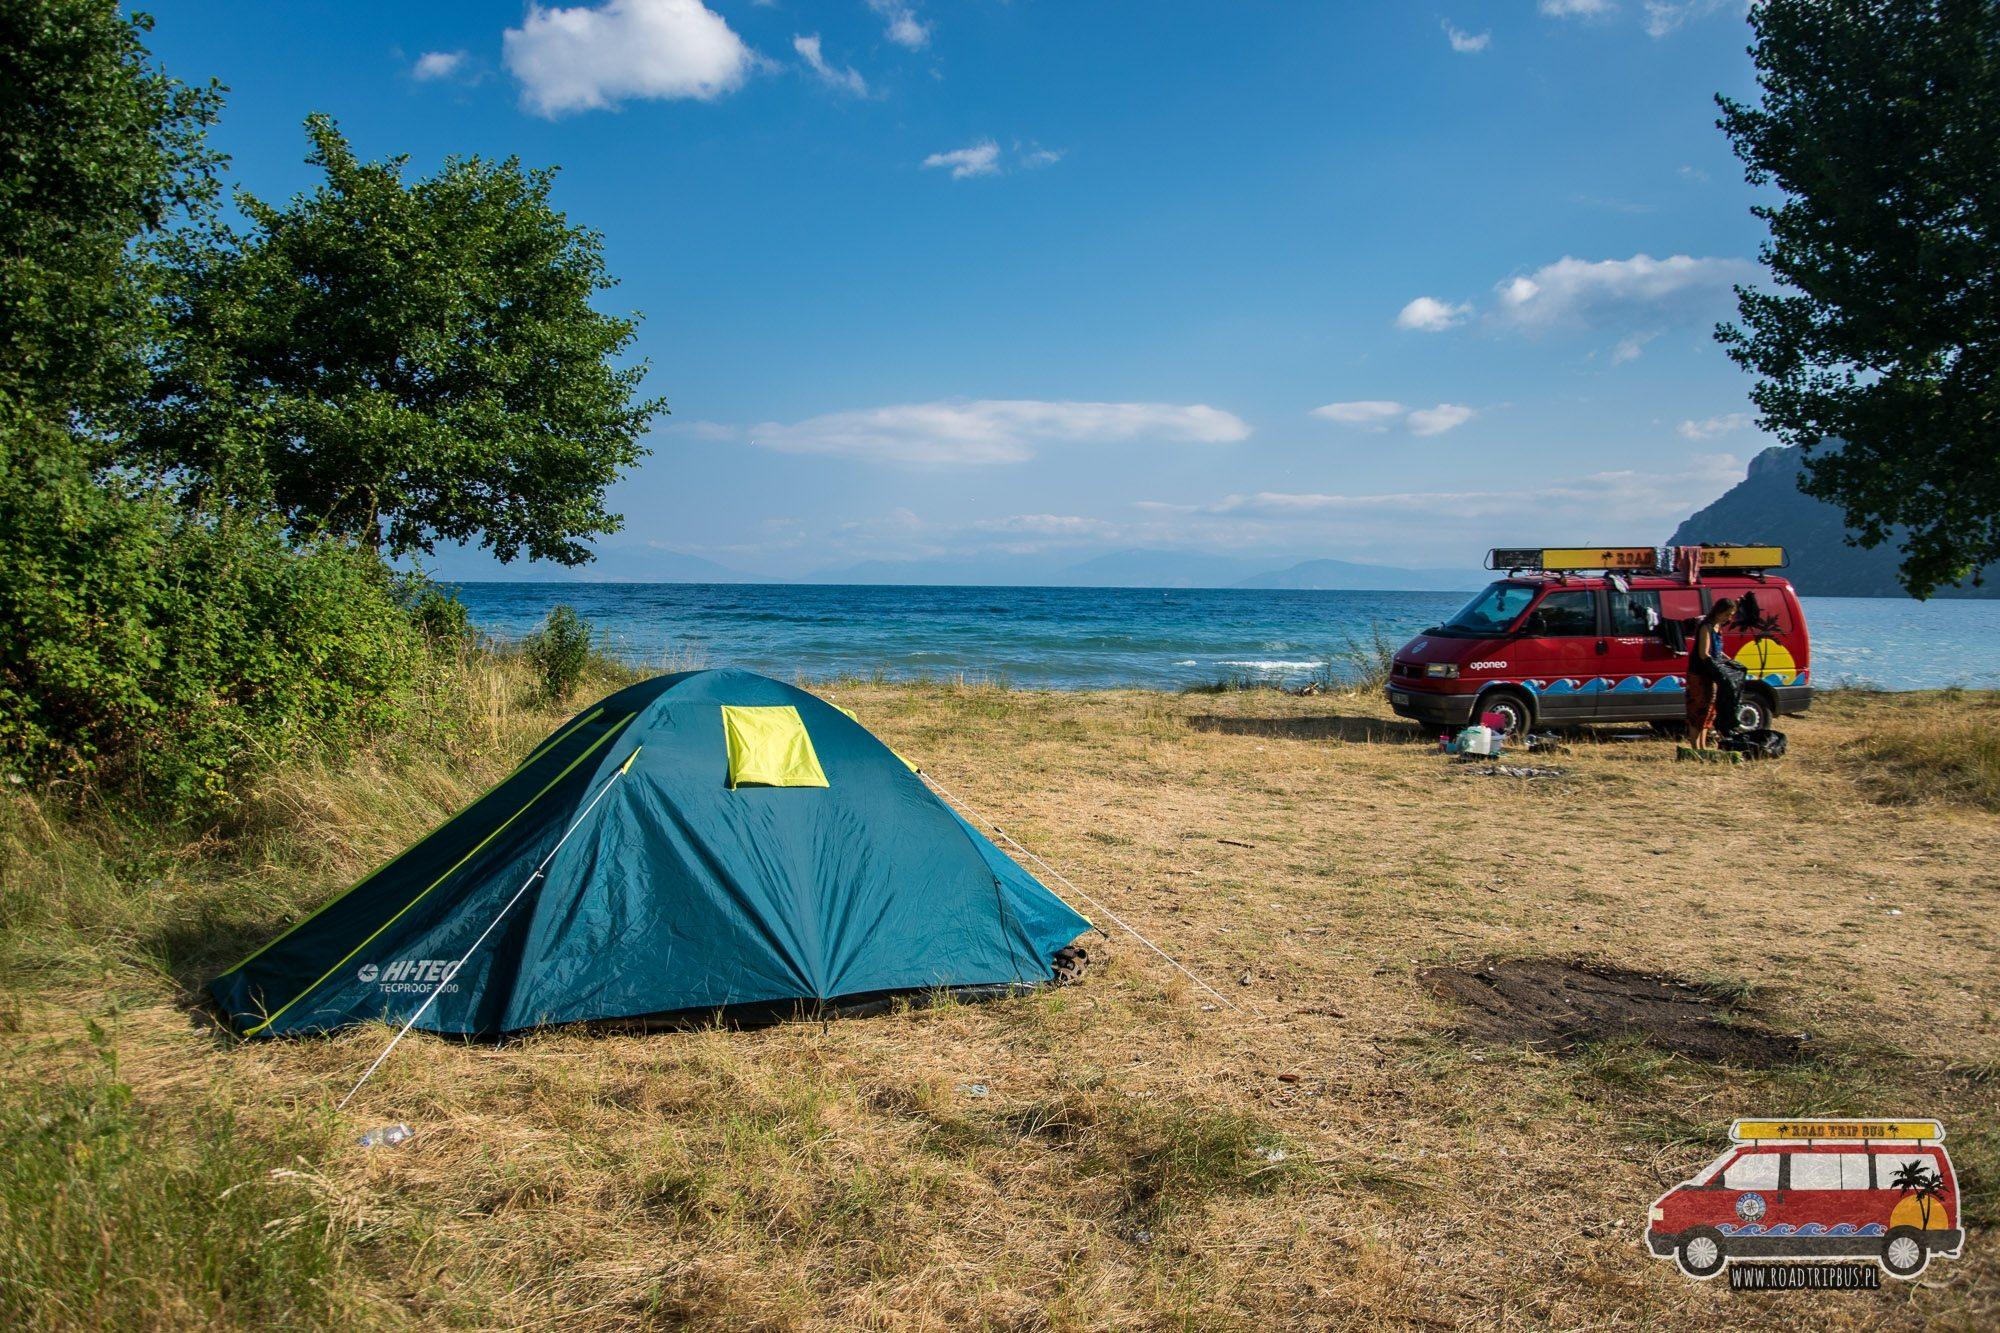 dziki kamping w macedonii